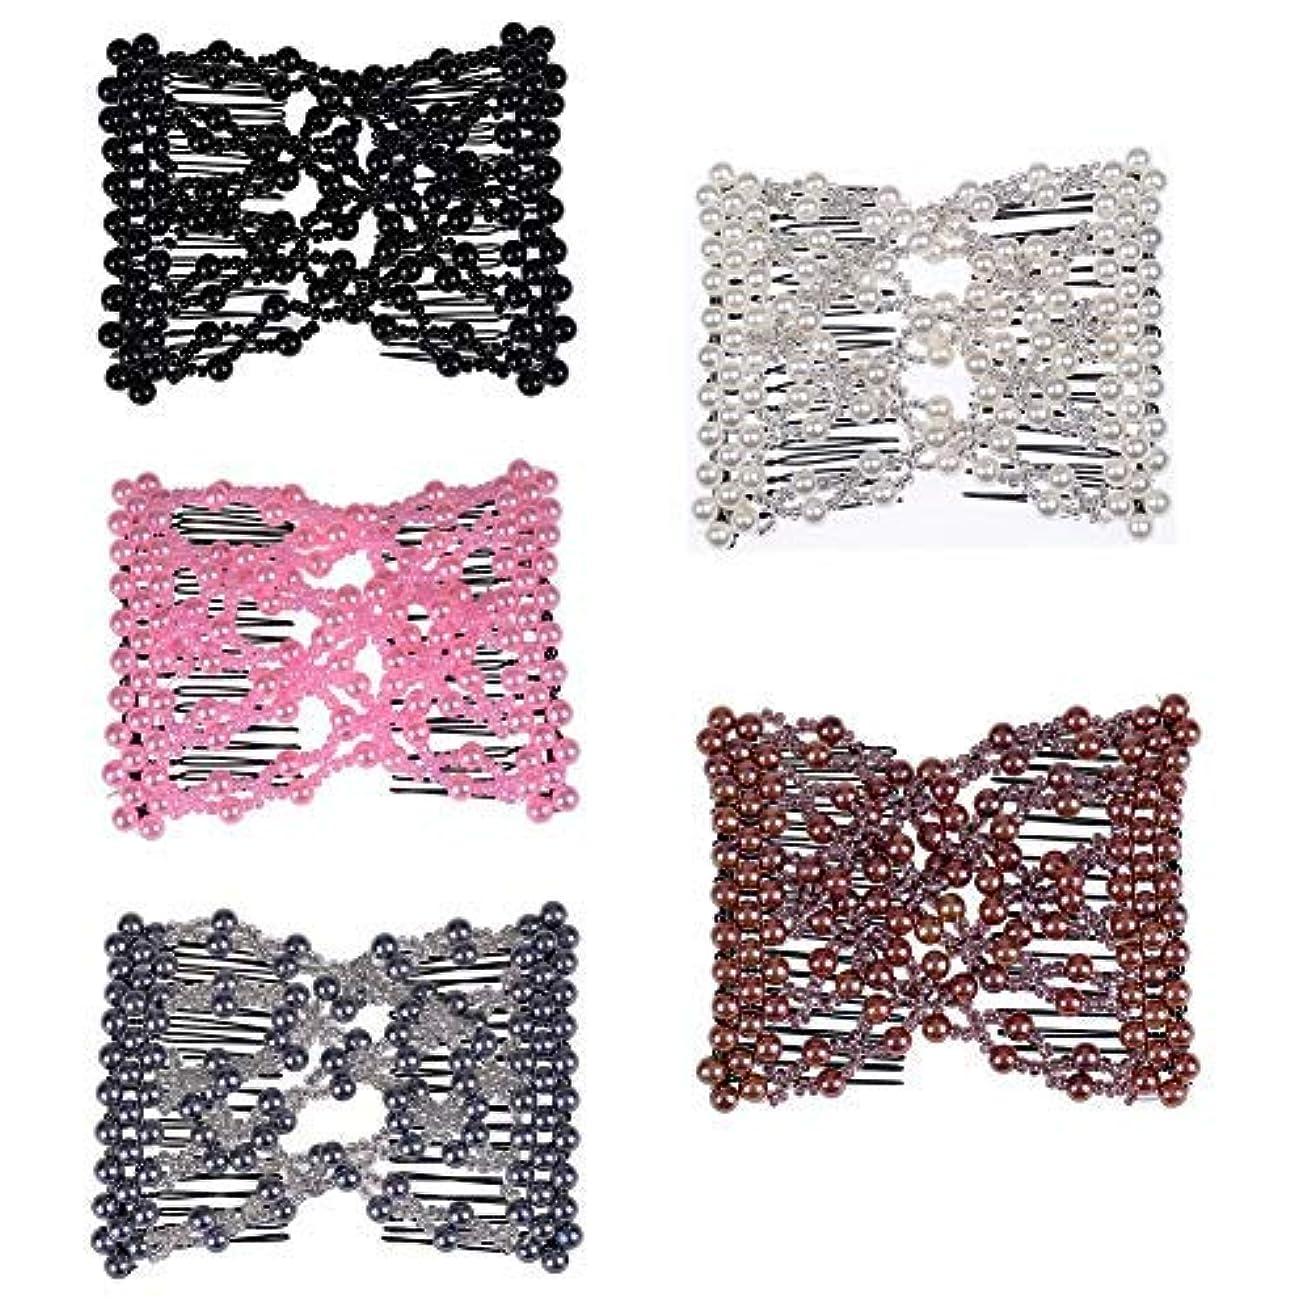 化粧寄稿者カジュアルCasualfashion 5Pcs Ez Stretch Beaded Hair Combs Double Magic Slide Metal Comb Clip Hairpins for Women Hair Styling...